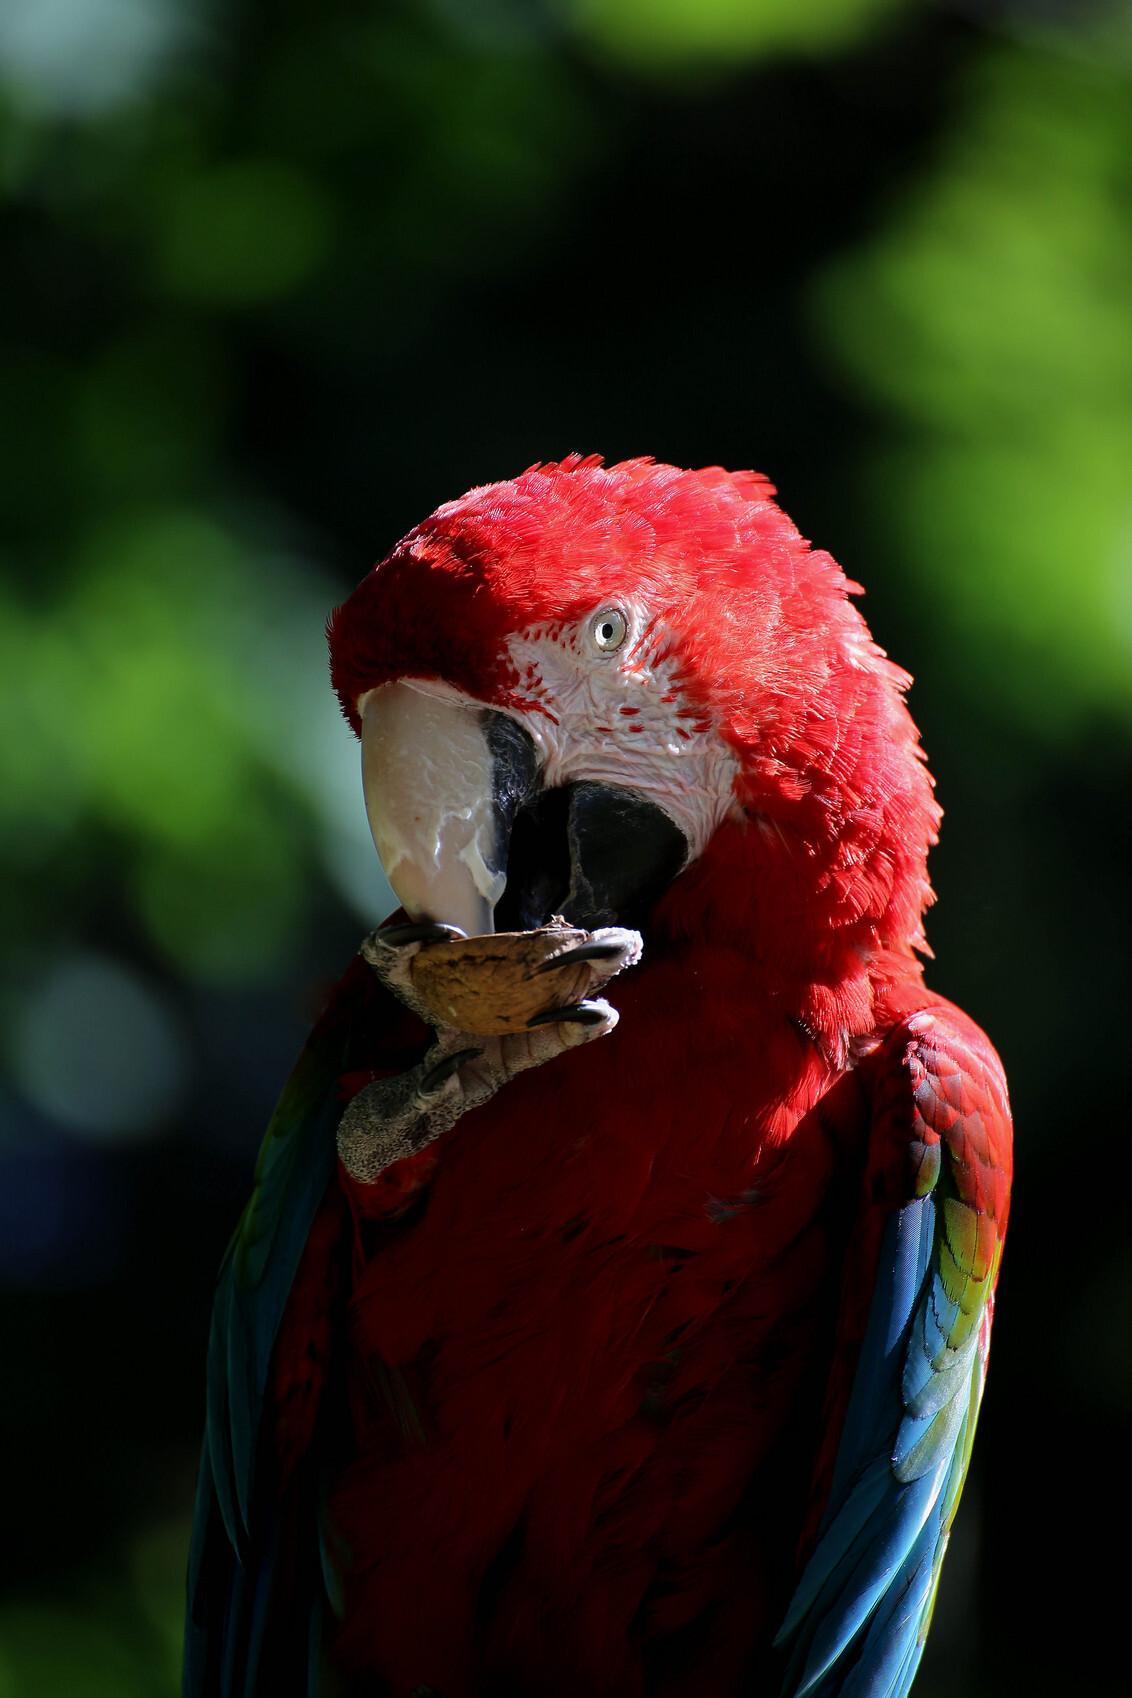 papagaai - - - foto door marvinw op 28-11-2014 - deze foto bevat: rood, blauw, dieren, safari, vogel, papagaai, etten